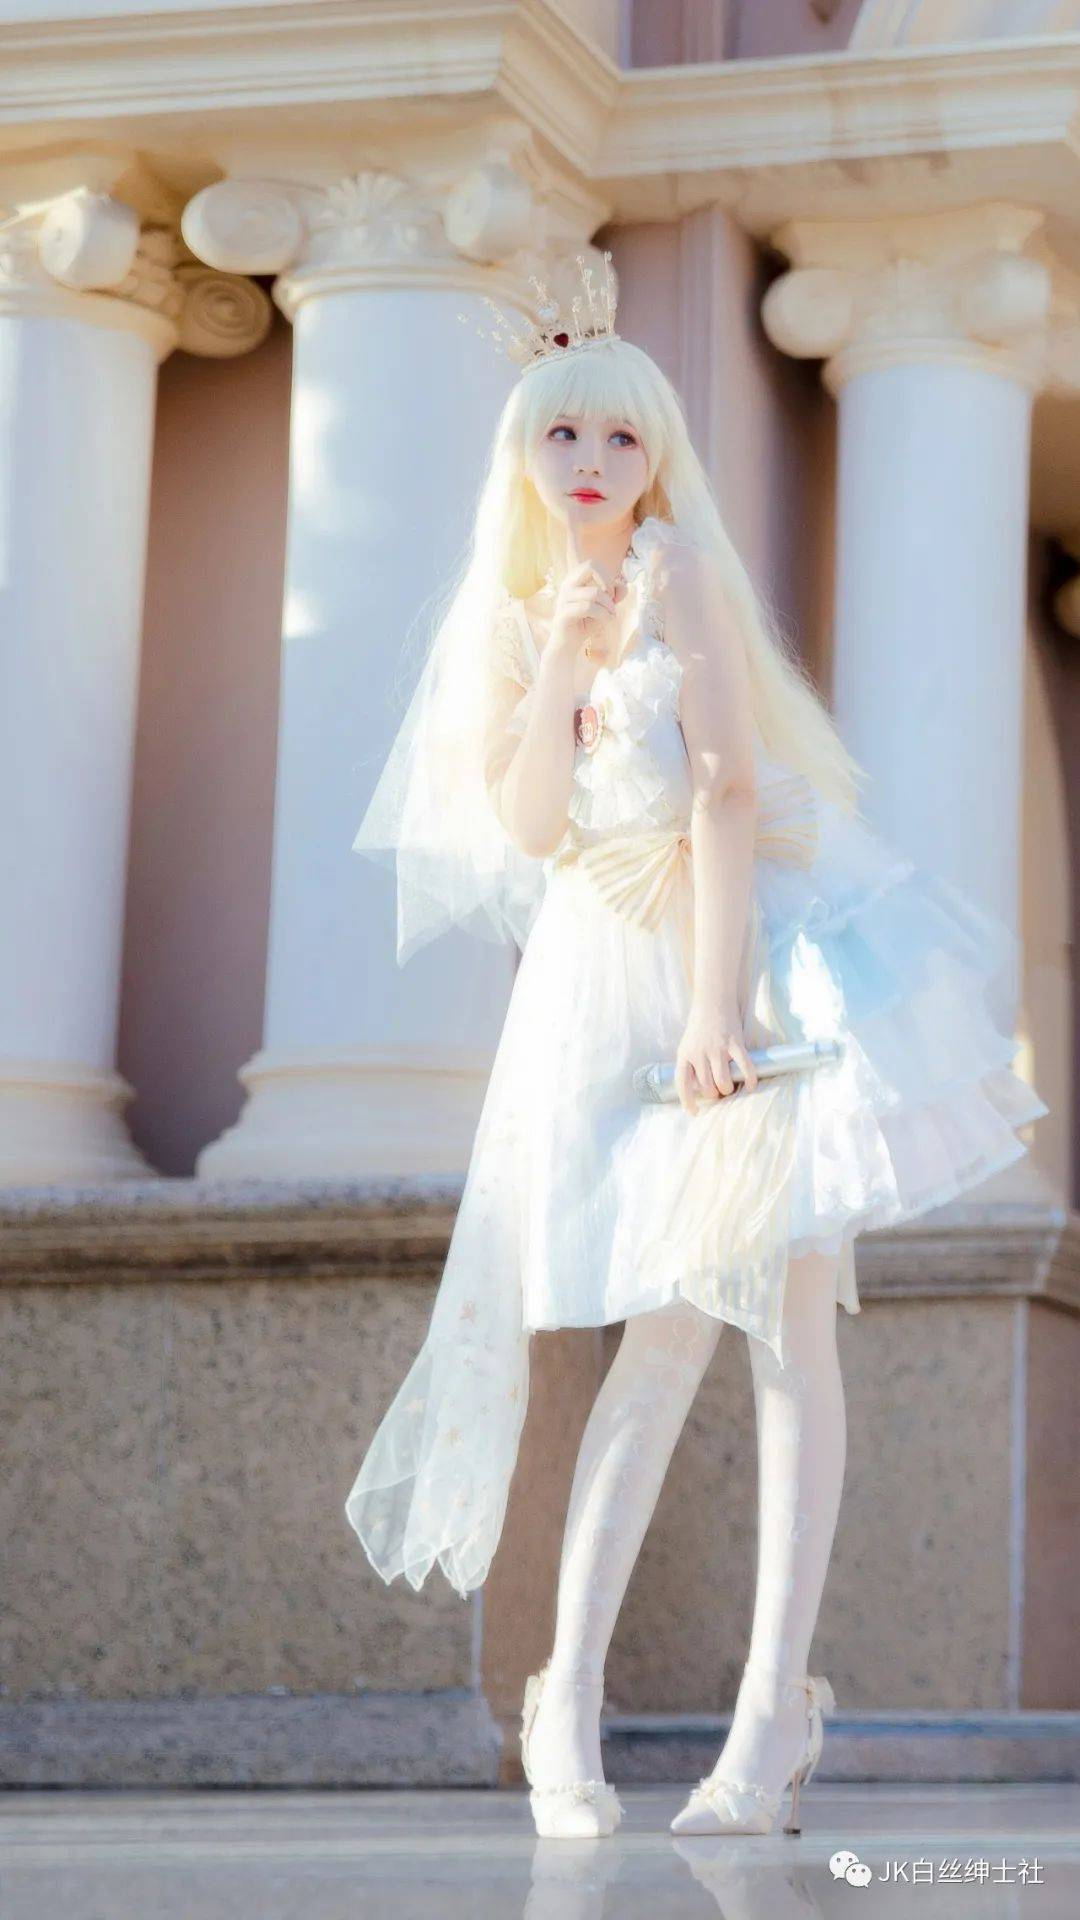 lolita:为我打气加油吧!